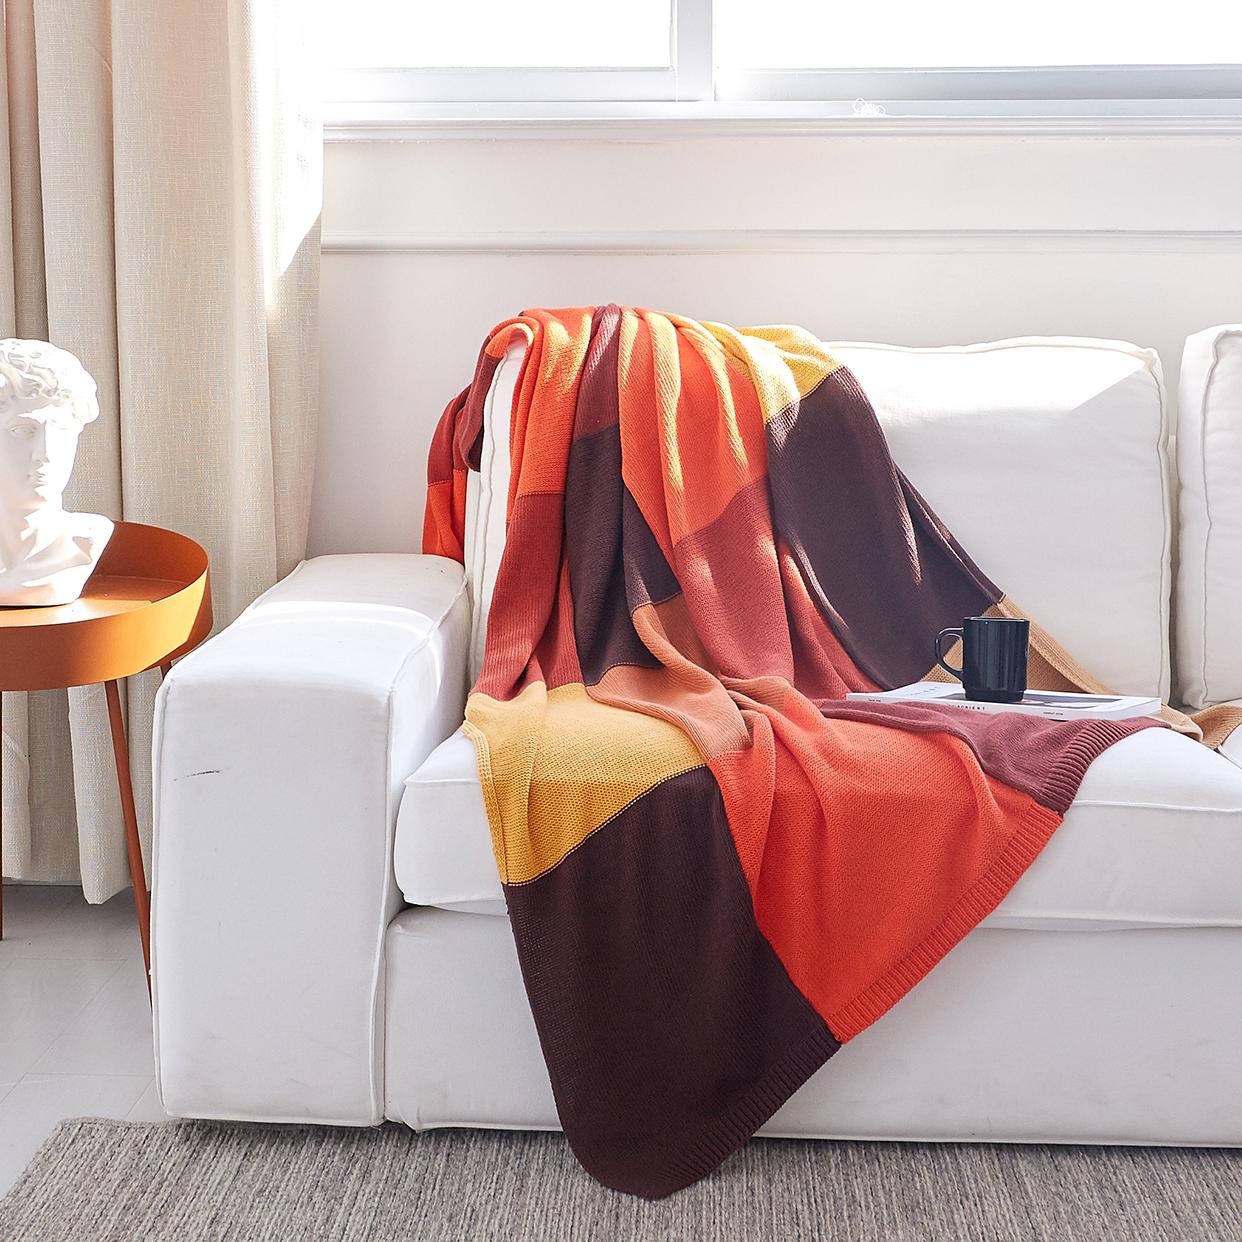 小井家拼接方格全棉针织毯子 ,送闺蜜女生实用礼物